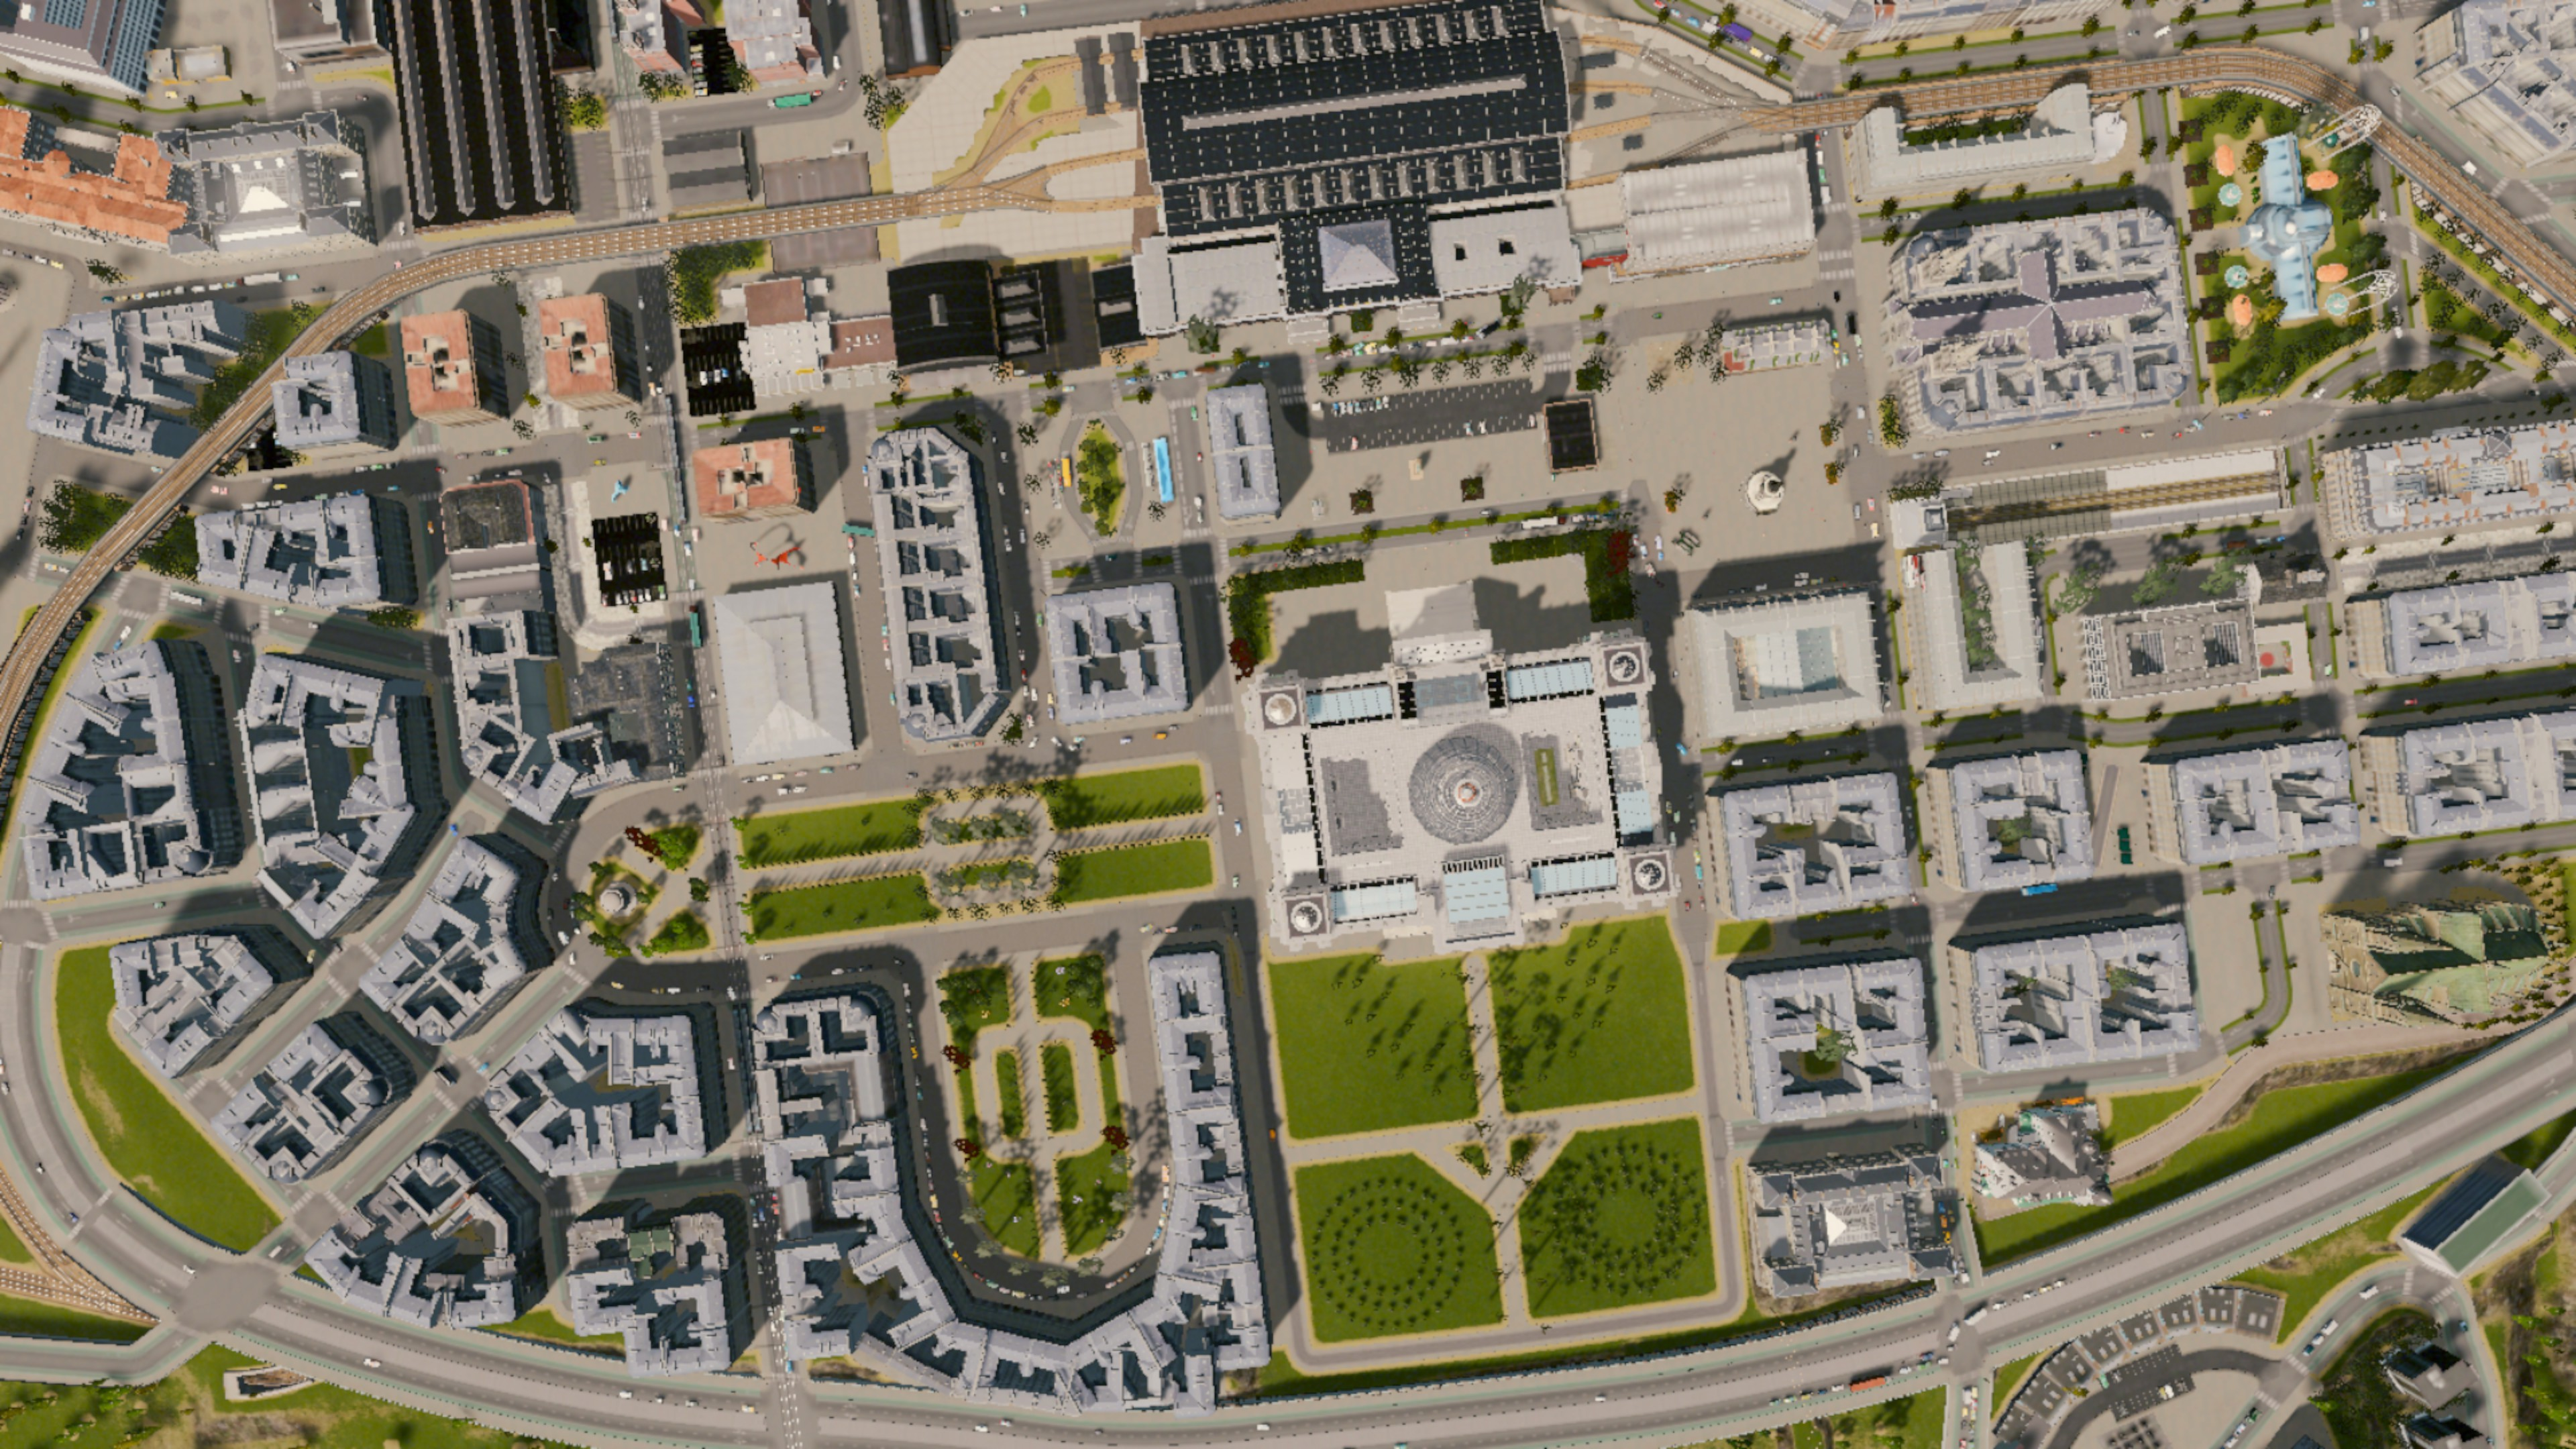 Labadie - Journal 3 d'une ville en construction - Page 2 32AFBF48531CDC6675EAC7859B8DB58F8DE6B1E7